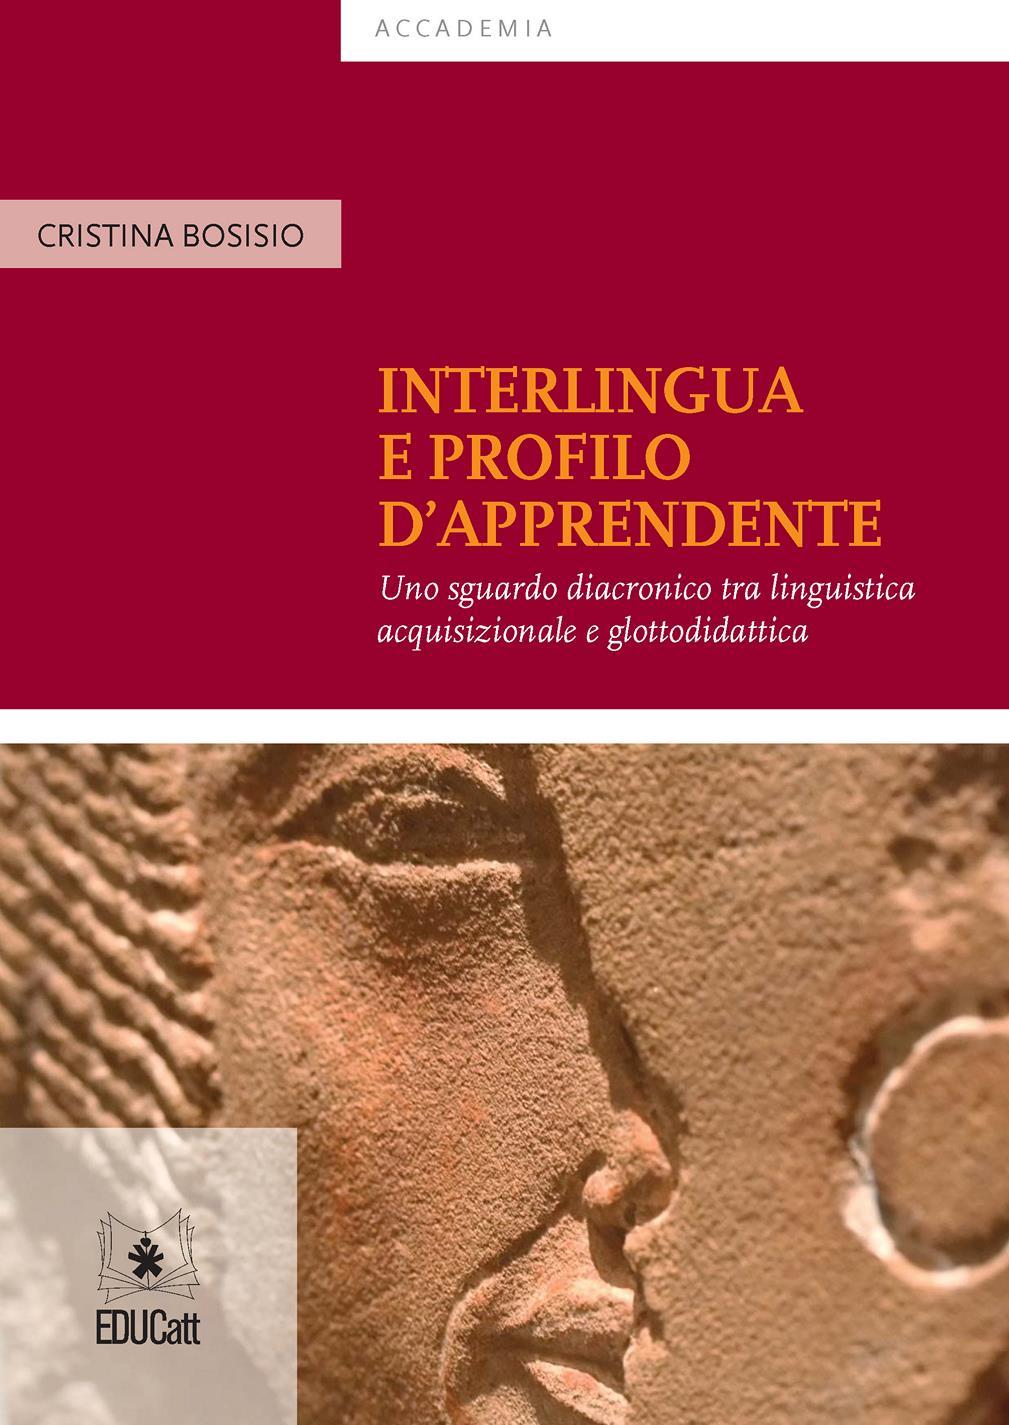 INTERLINGUA E PROFILO D'APPRENDENTE.